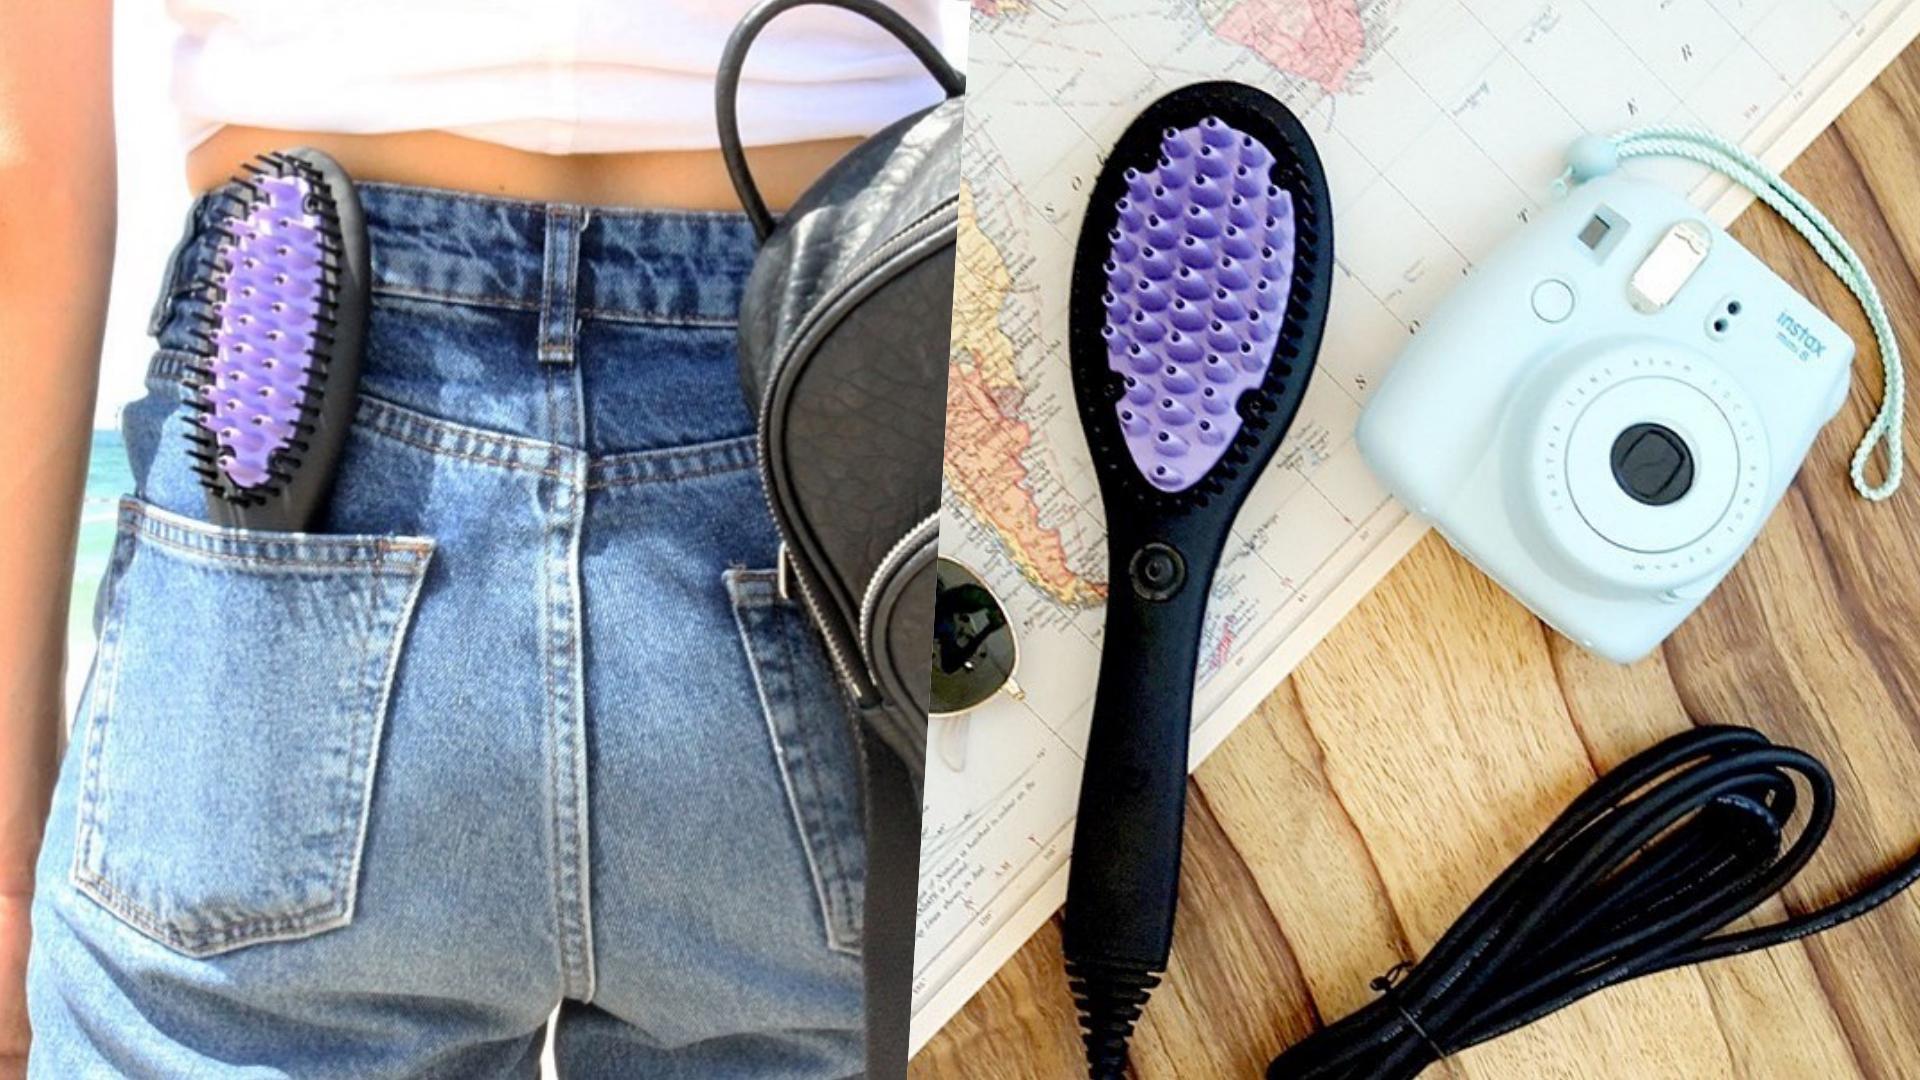 輕巧的體積造型方便攜帶,再也不用擔心出去玩一頭亂髮!